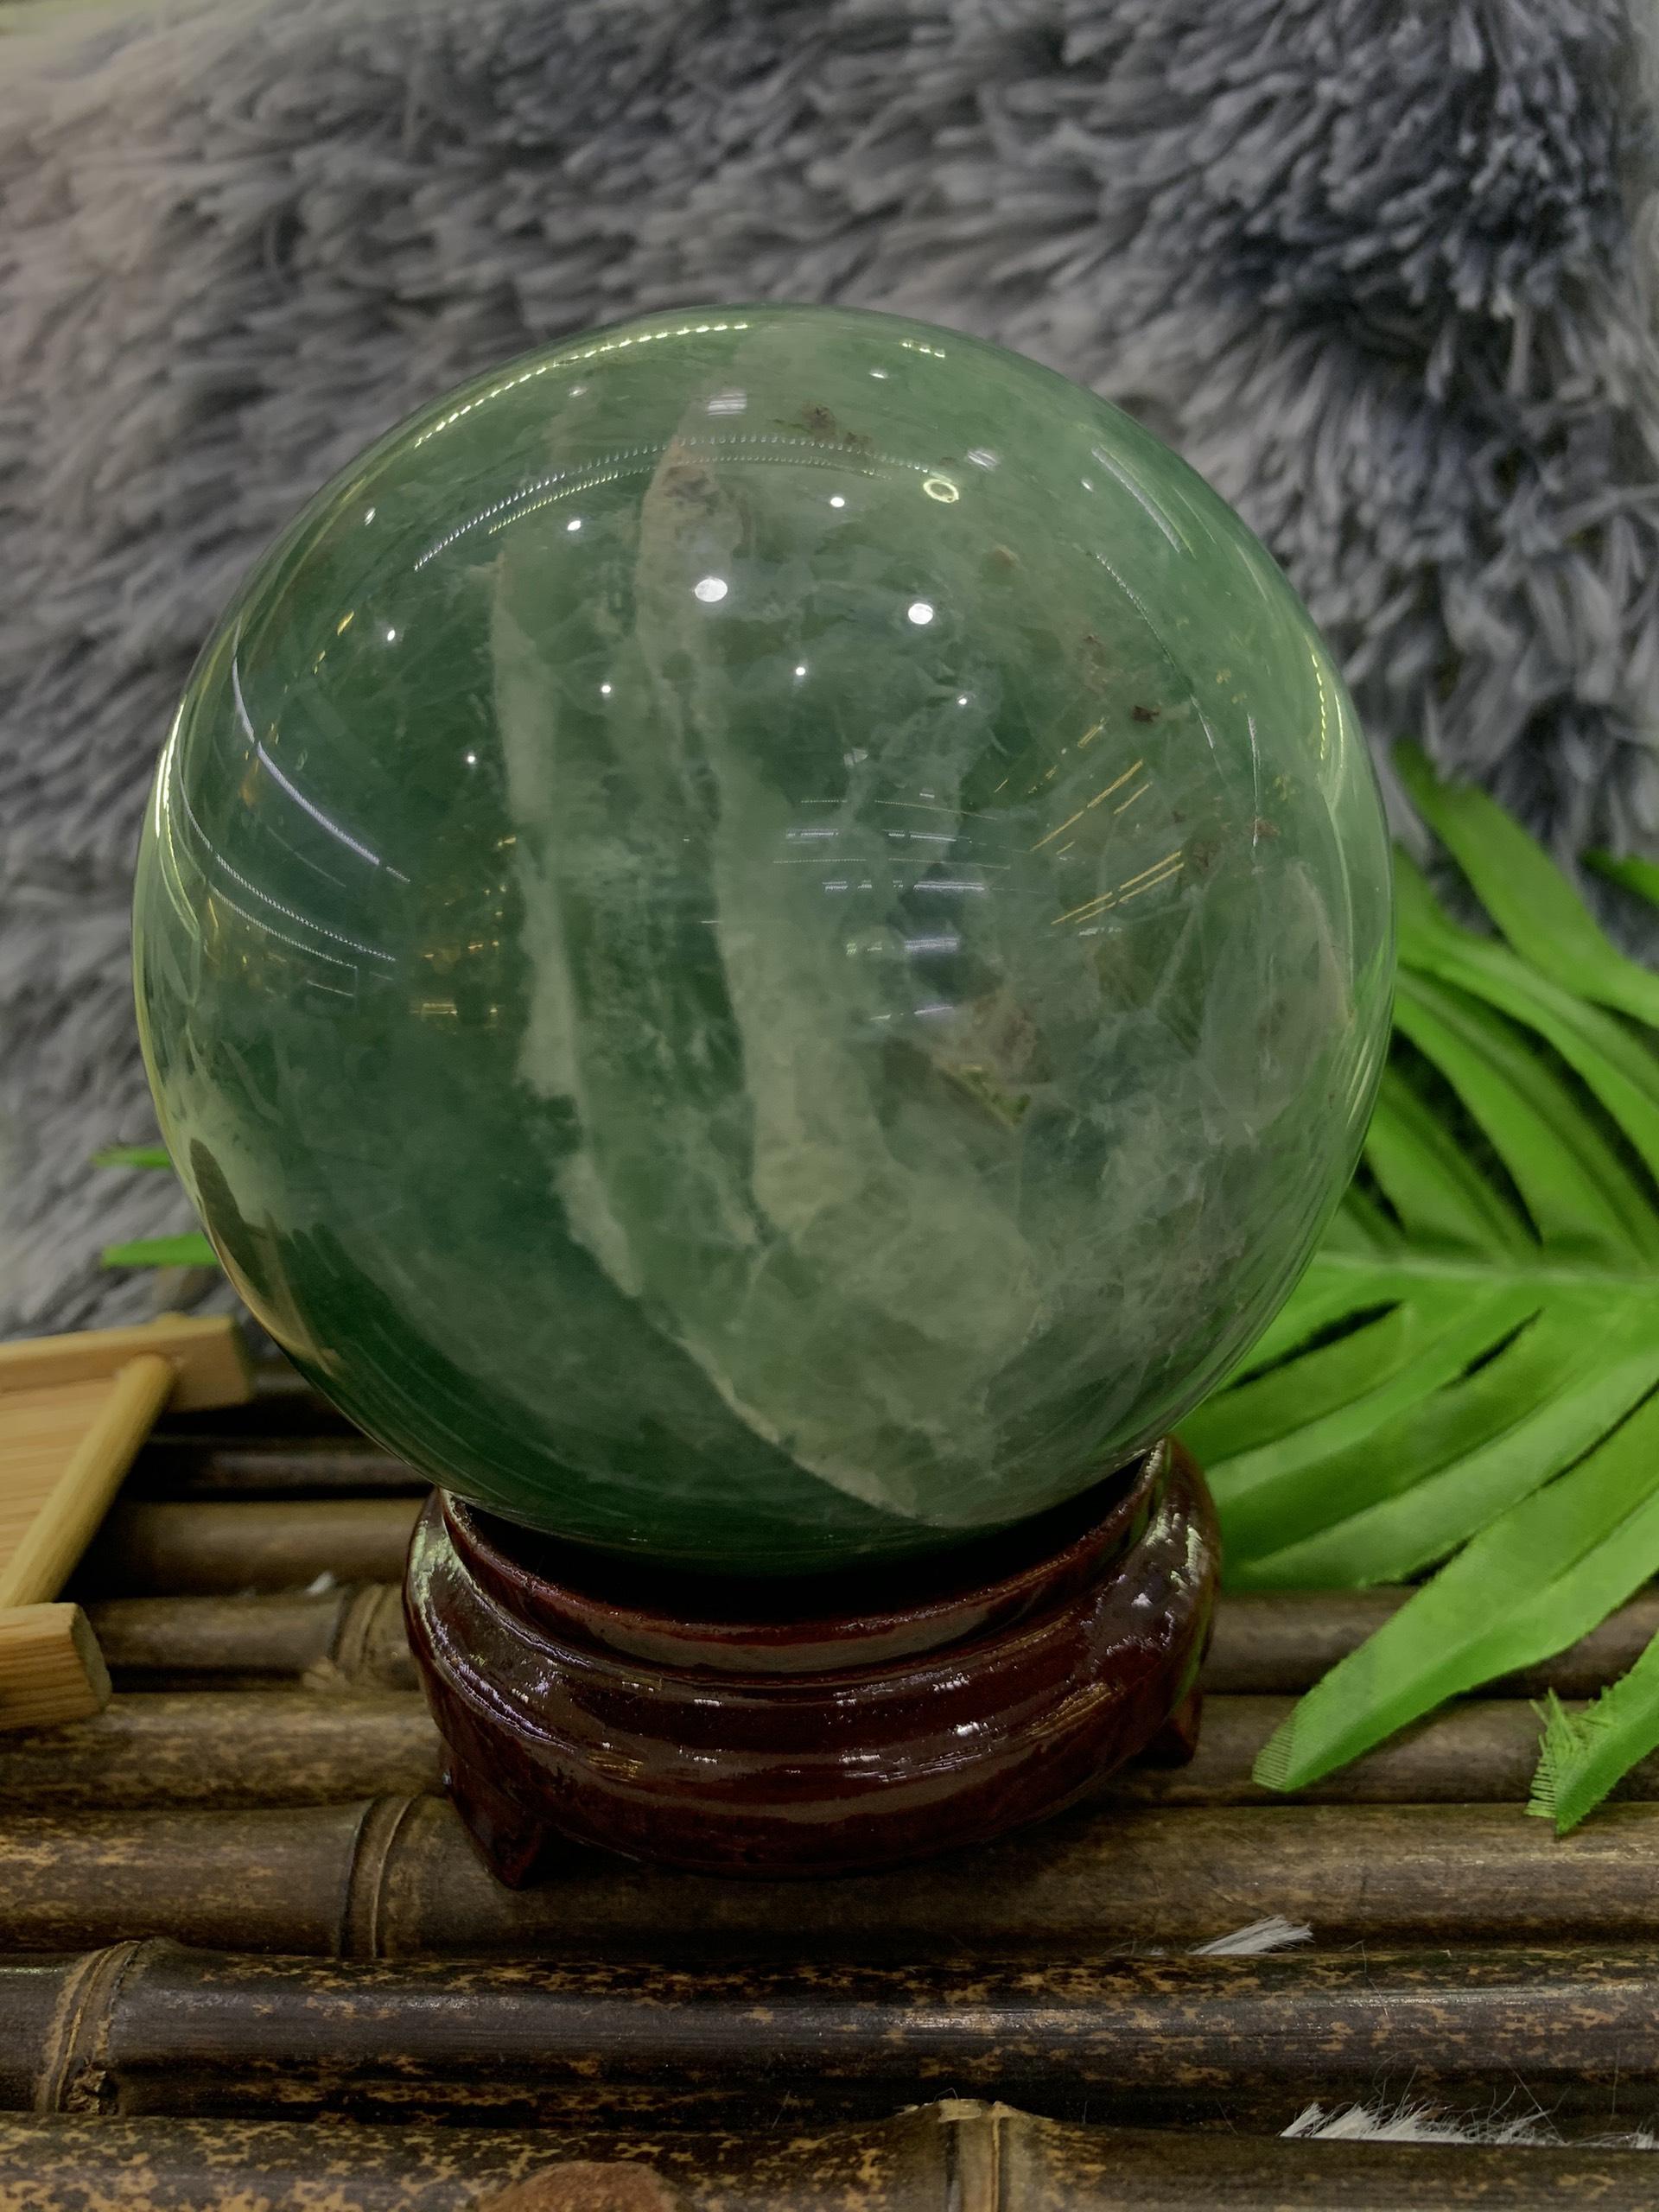 Quả cầu đá Thạch Anh Fluorit xanh lục - 1,8kg - 11,7cm (kèm đế)